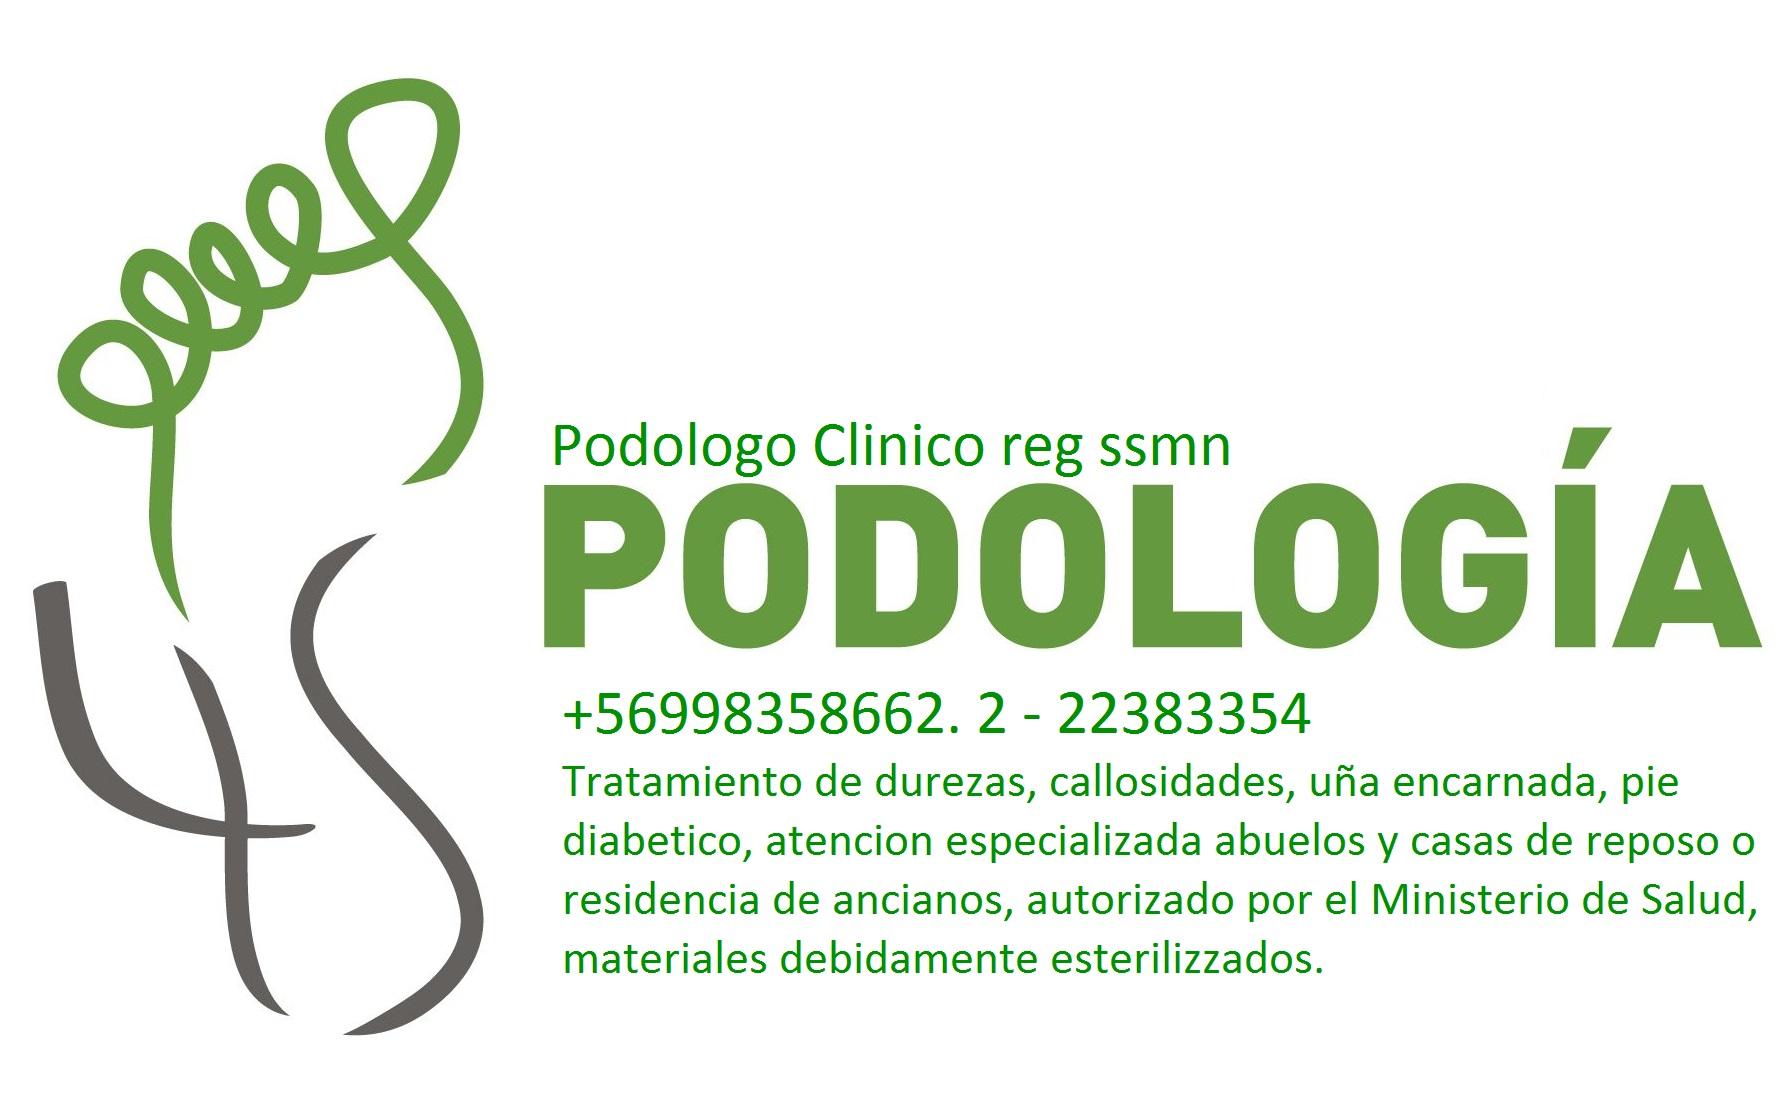 CLINICA PODOLOGIA DOMICILIO +569 98358662 La Reina, Las Condes, Vitacura, Lo Barnechea, Providencia,